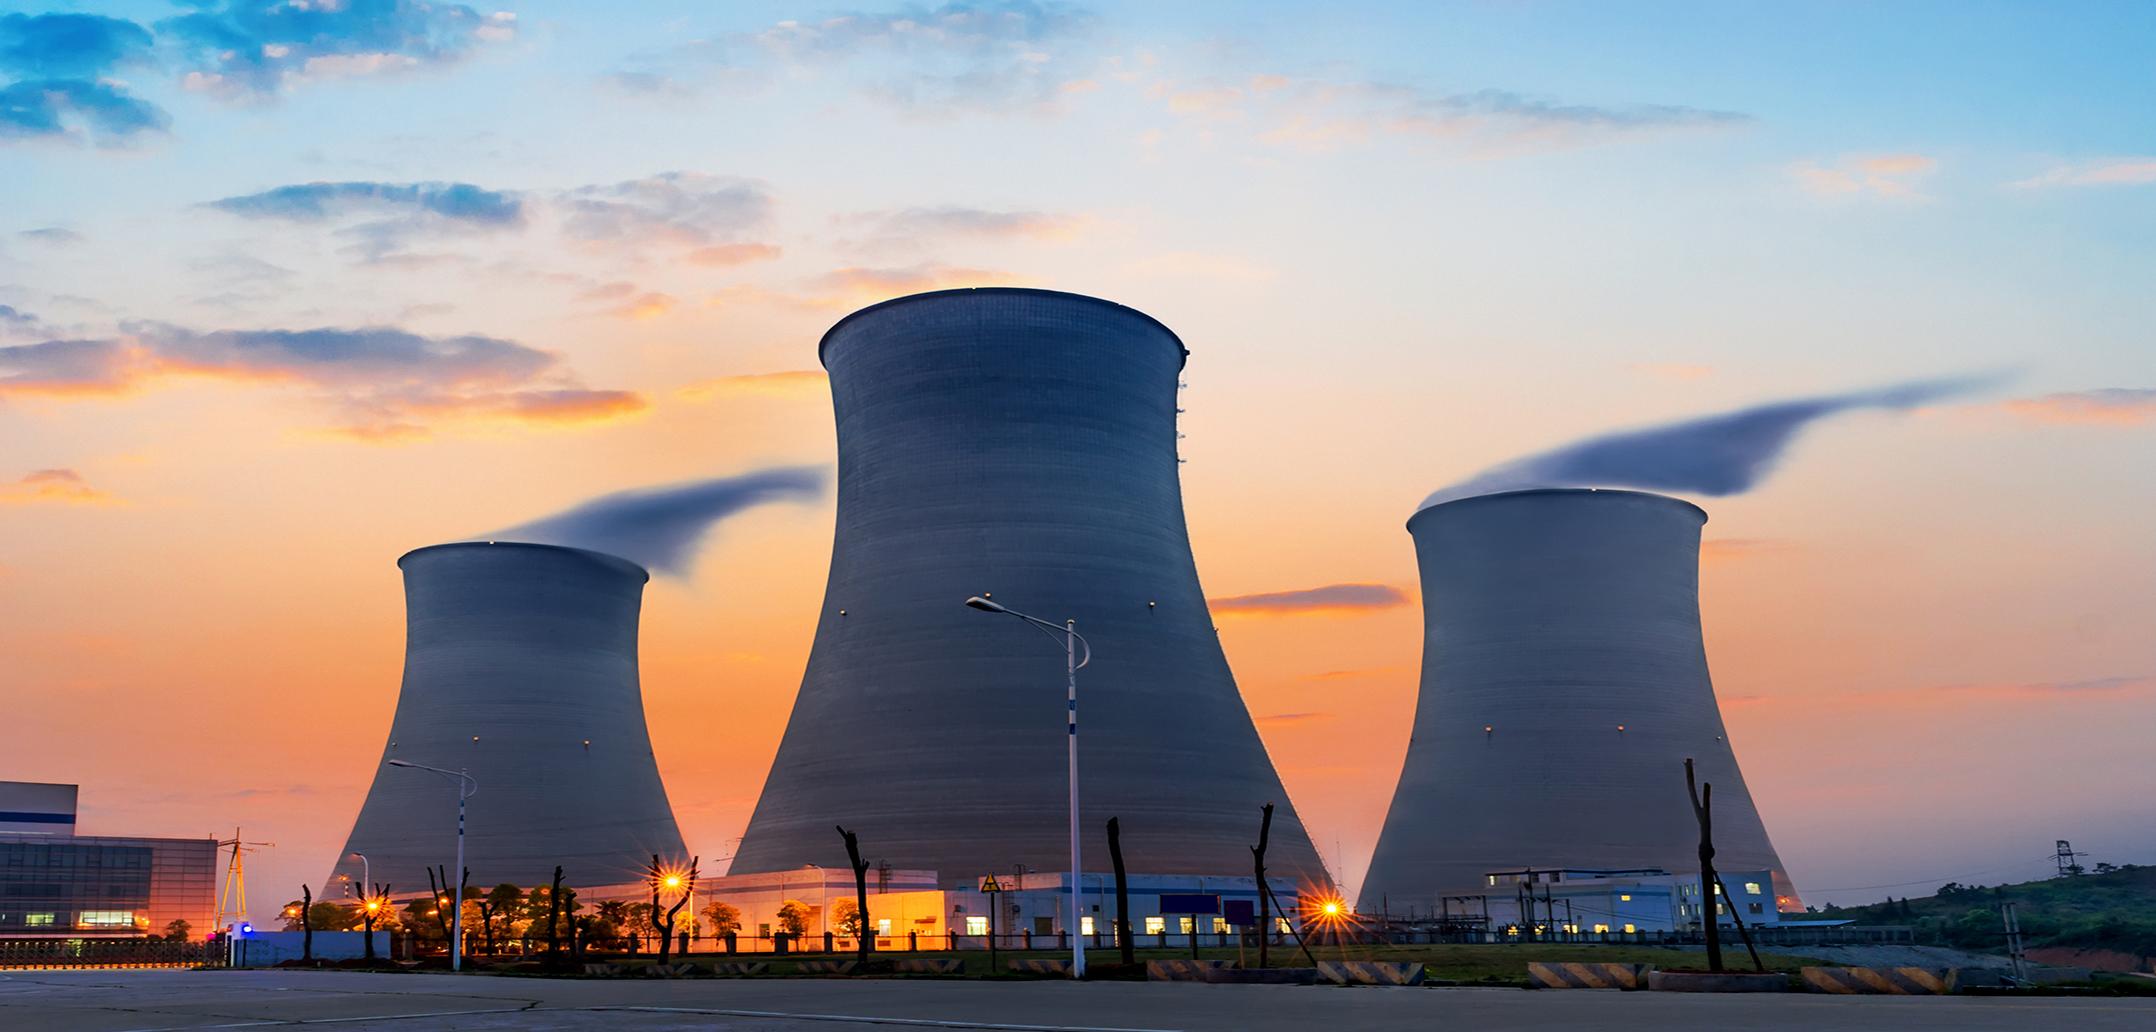 согласитесь, красивые фото энергетика казахстана основе